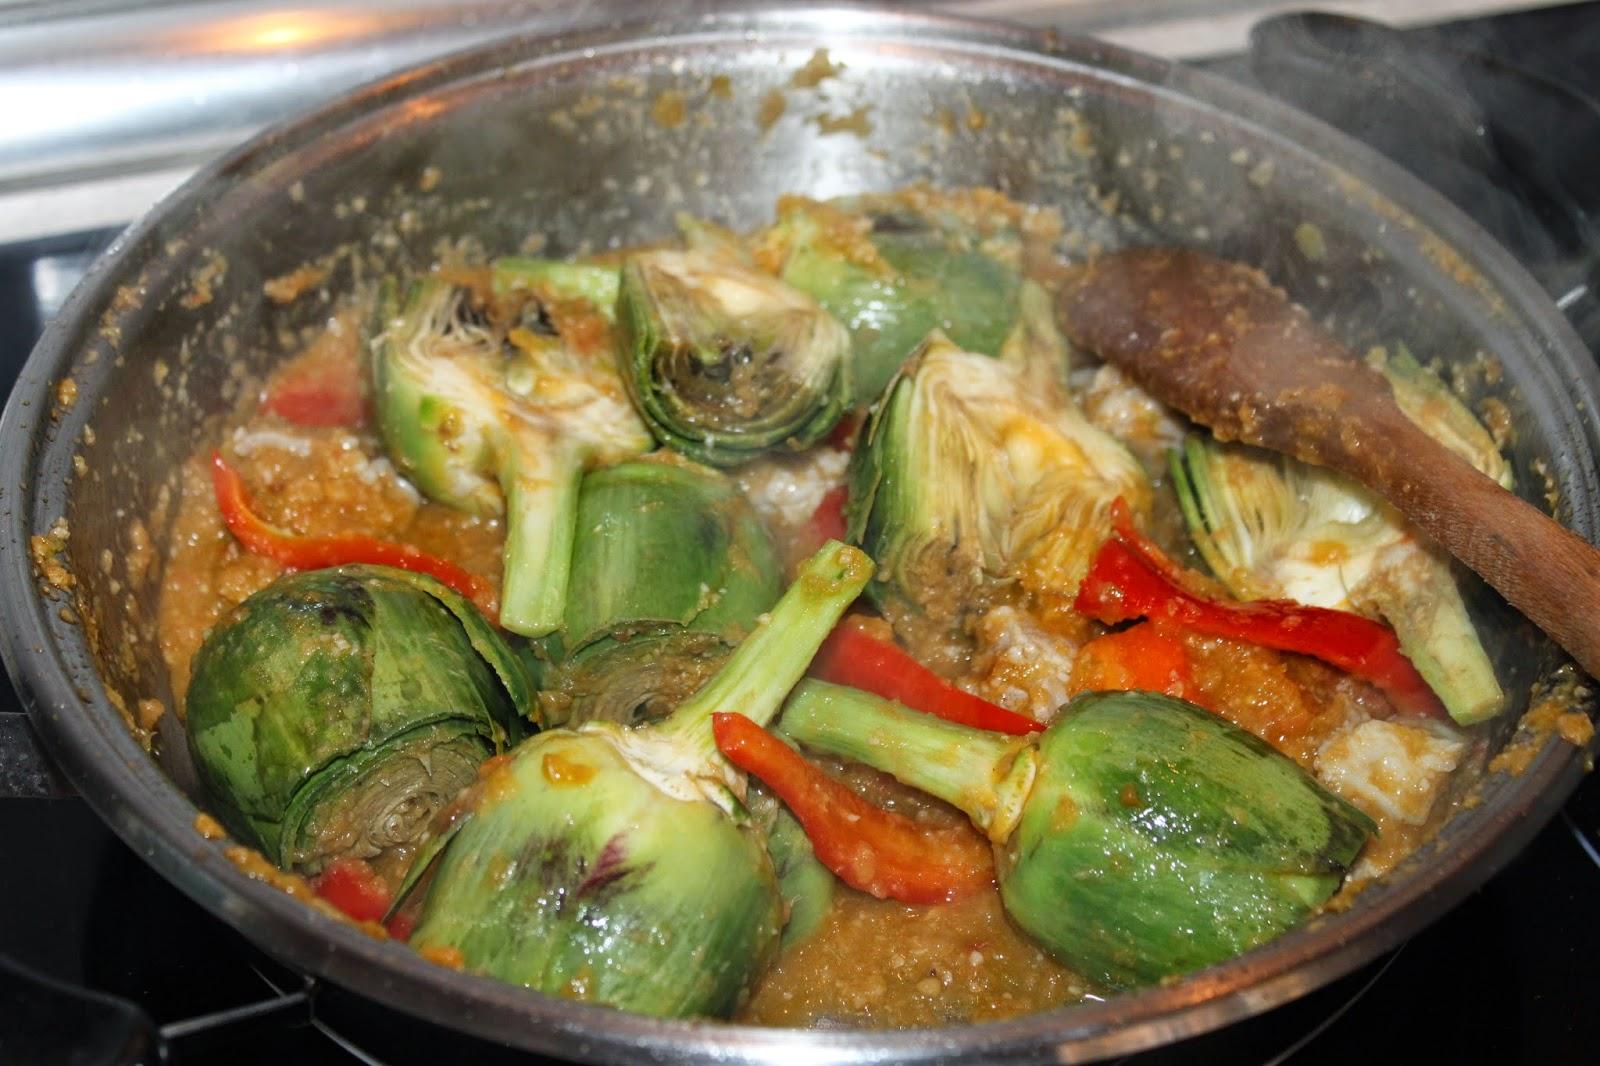 Julia y sus recetas arroz con alcachofas y bacalao - Arroz con alcachofas y jamon ...